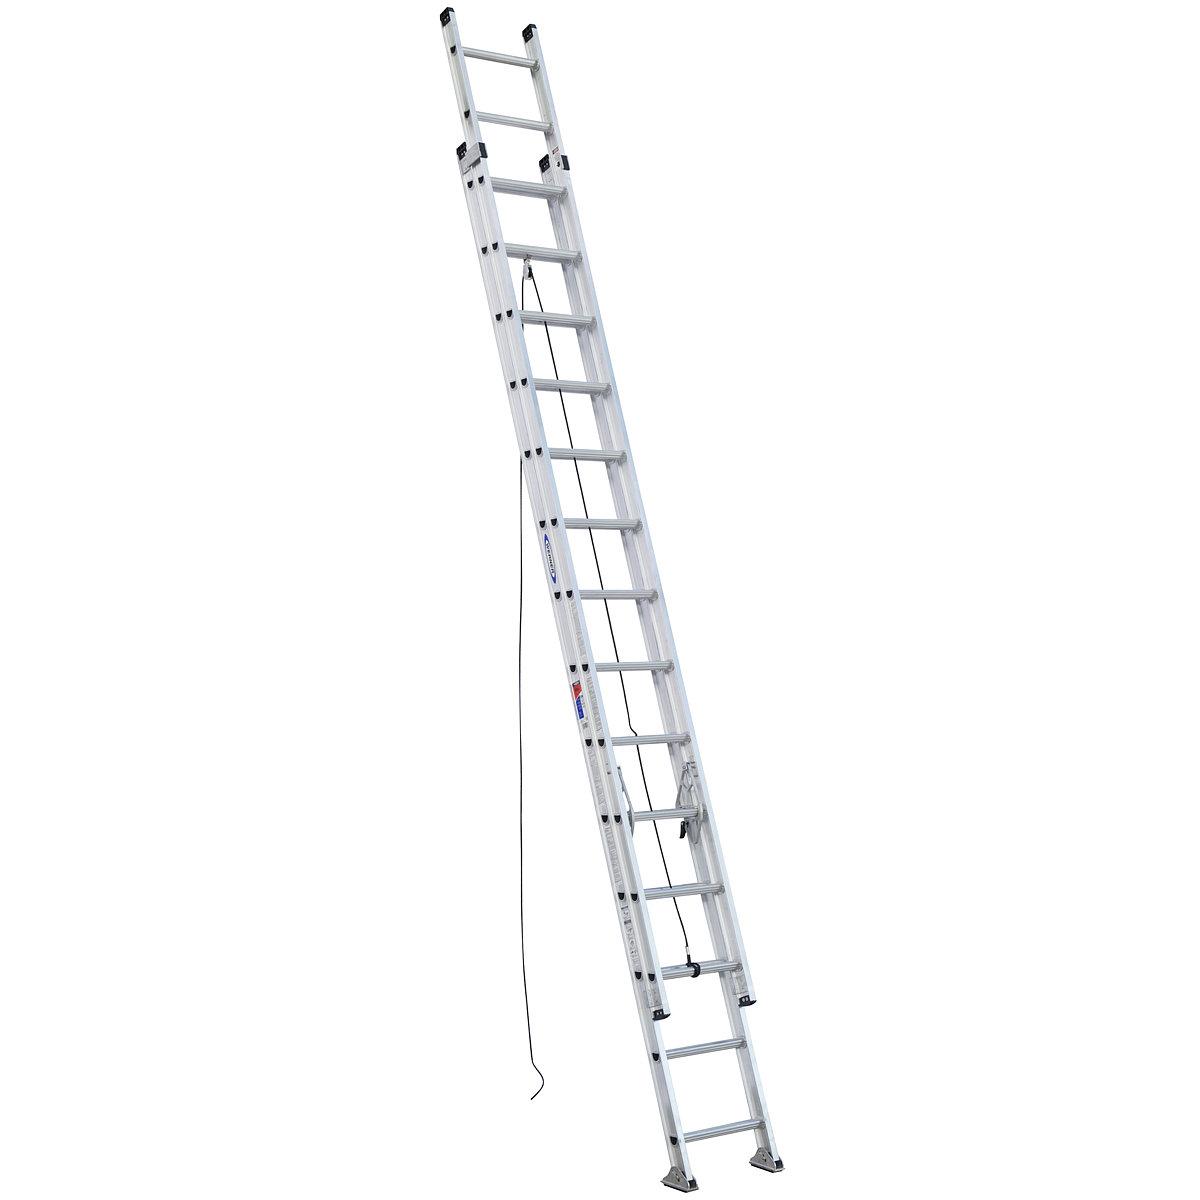 Werner Ladders Arab Suppliers